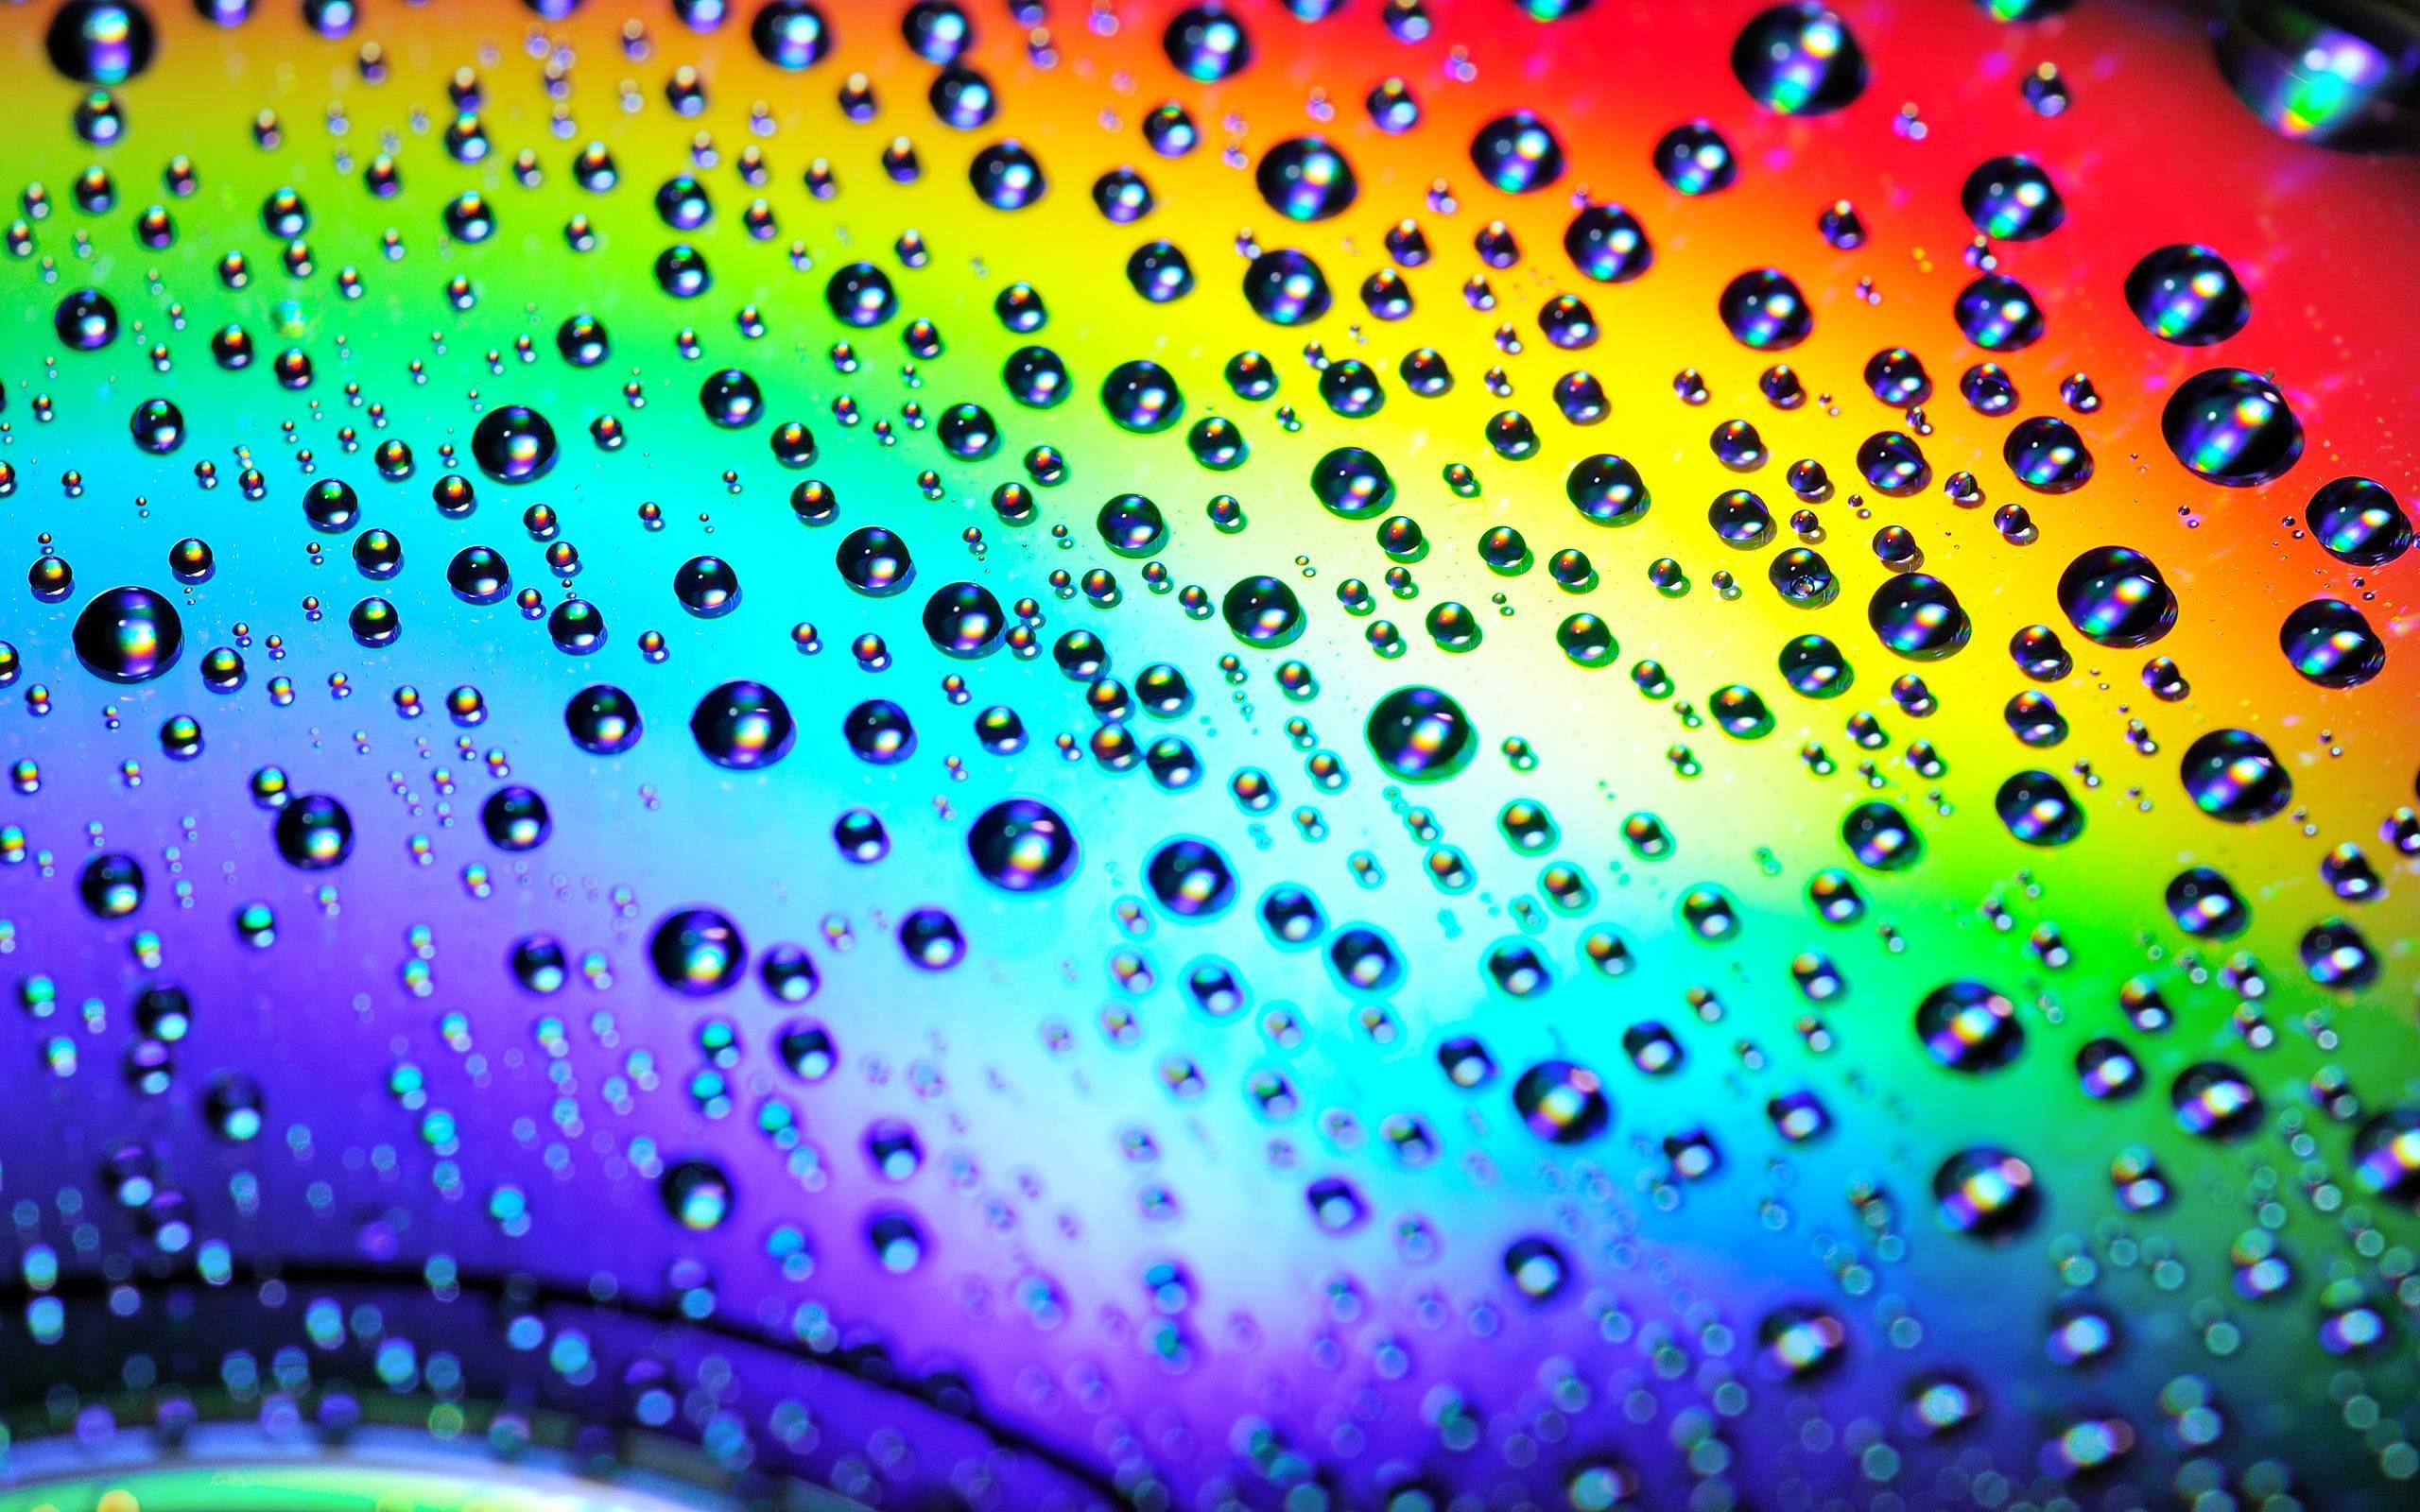 Rainbow Water Drops Wallpaper | Wallpaper Color